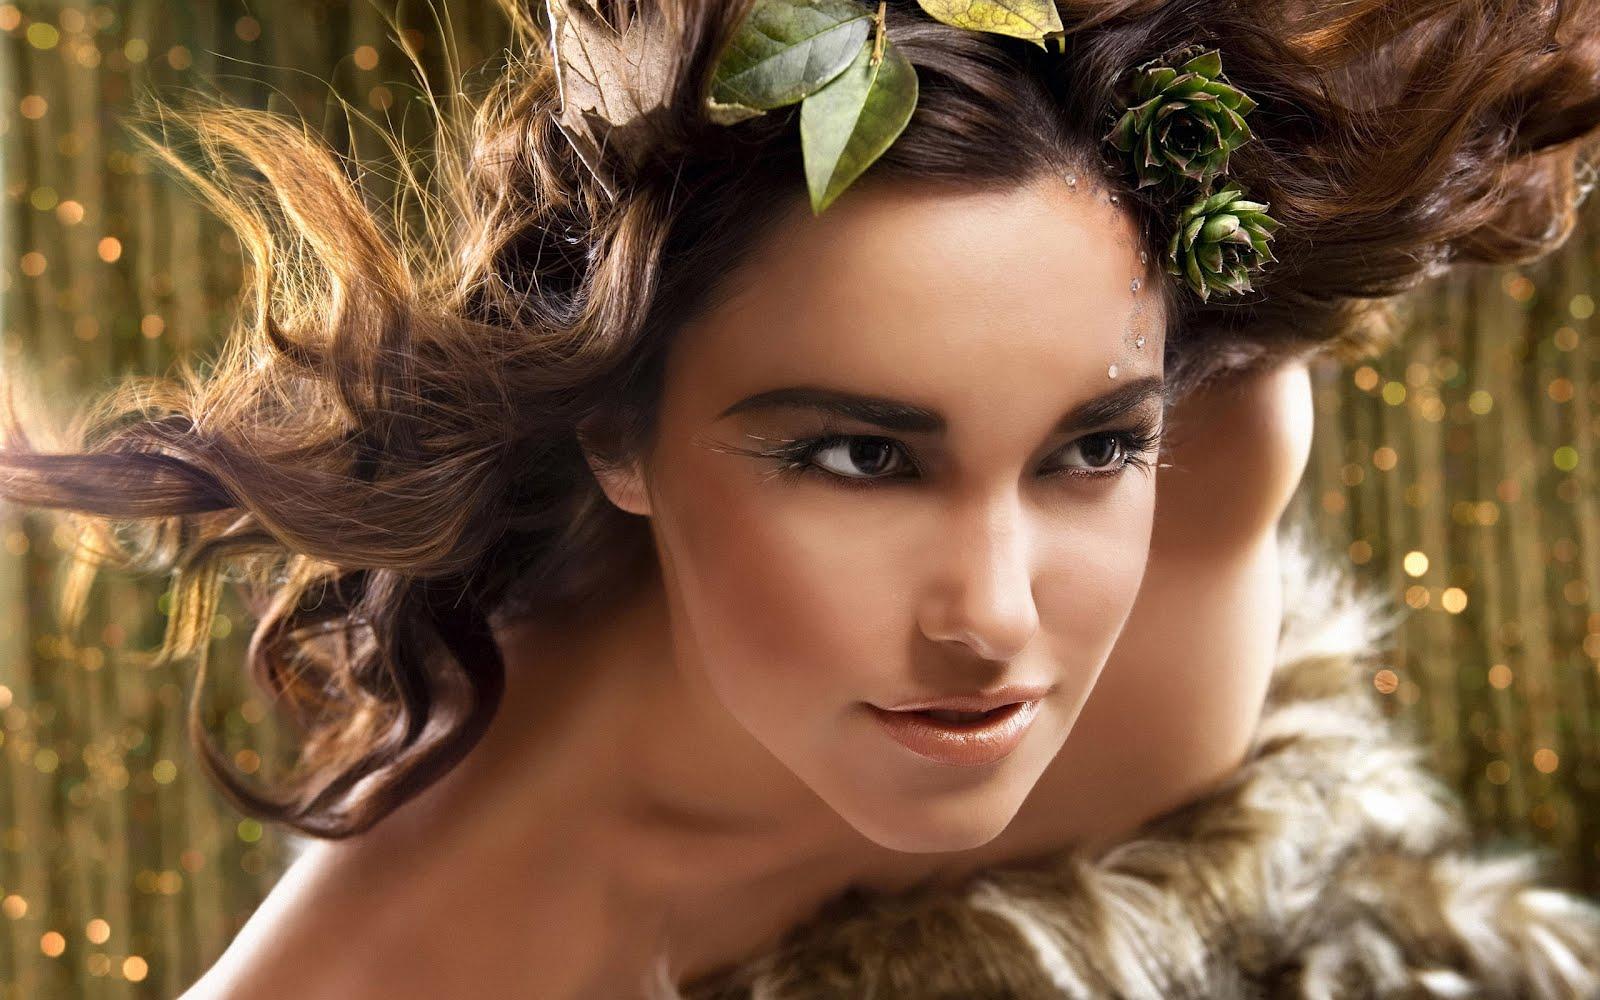 http://1.bp.blogspot.com/-lpgxj2NrAEI/UAWFApZXg_I/AAAAAAAAAL8/k0t2UrD2ZdE/s1600/Girls_Spring_Beauty_015231_.jpg